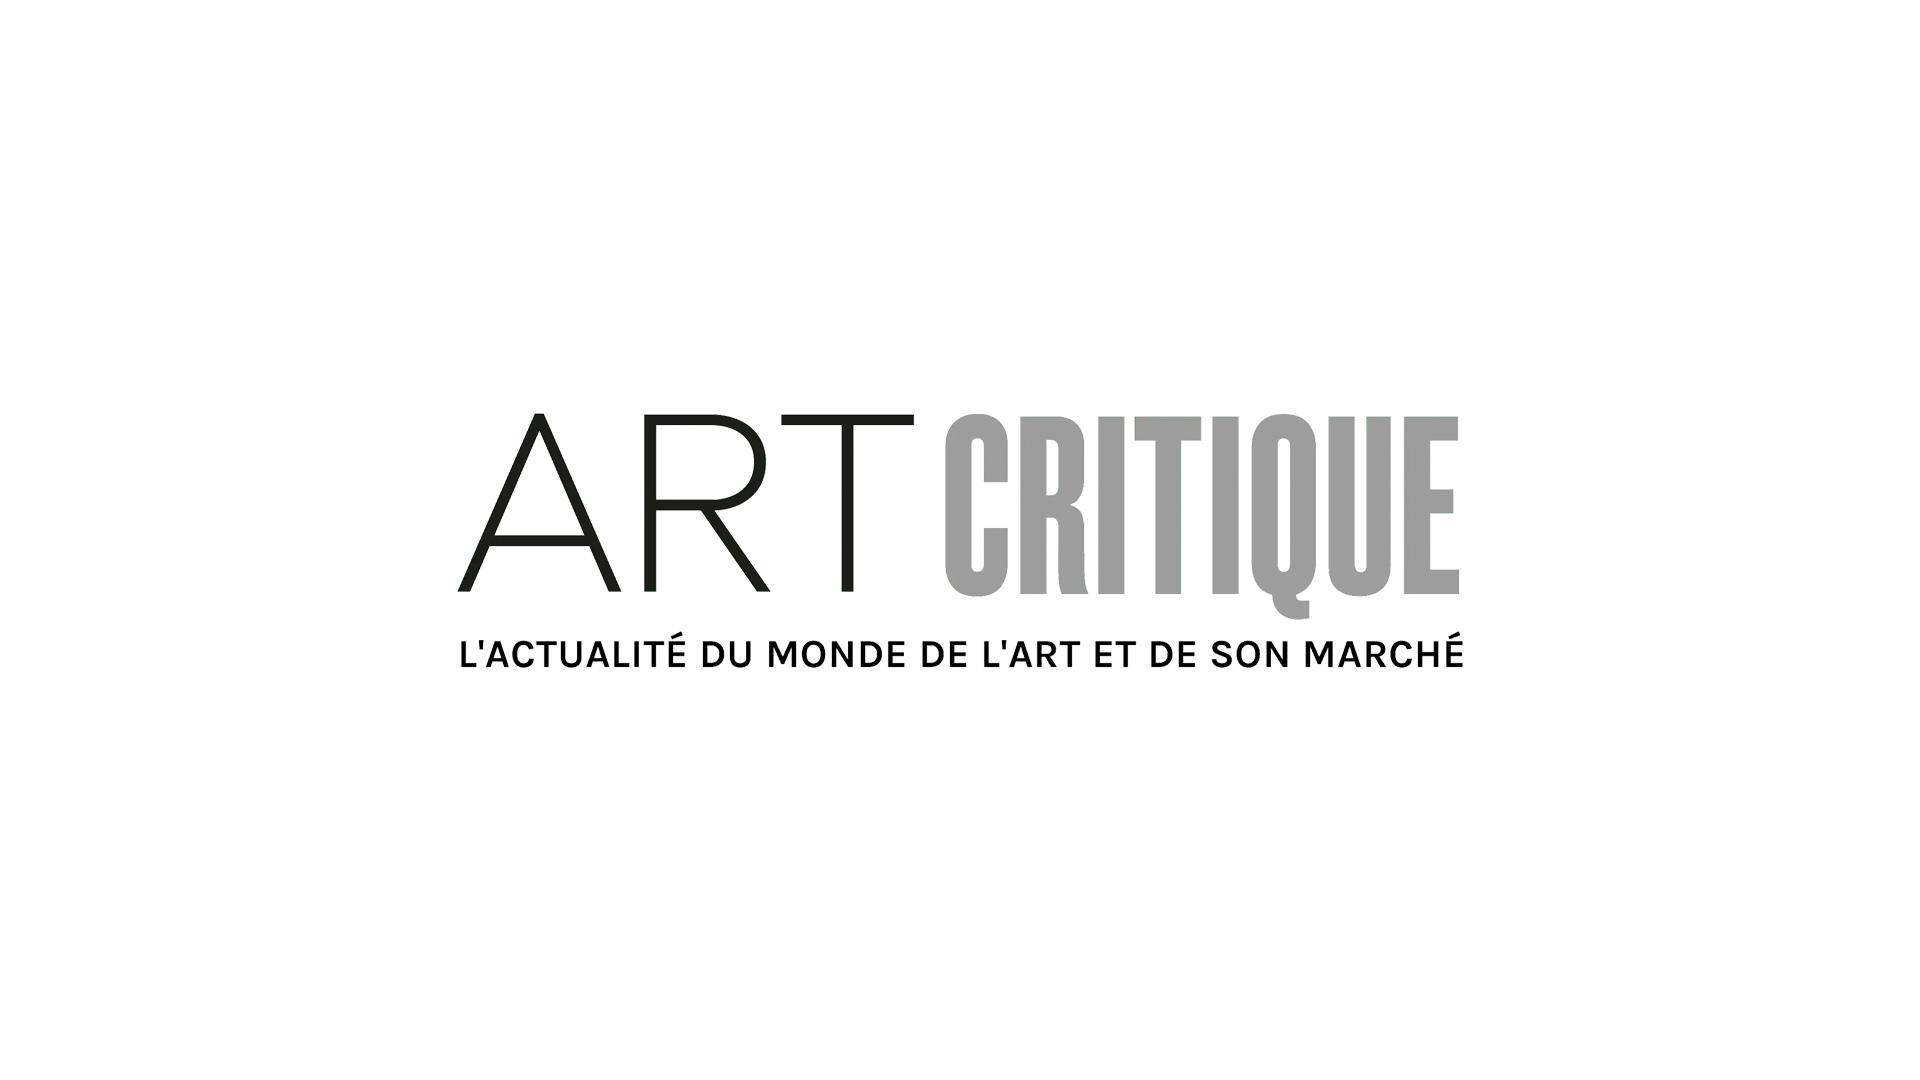 Les origines de la bande dessinée au Musée de l'Image